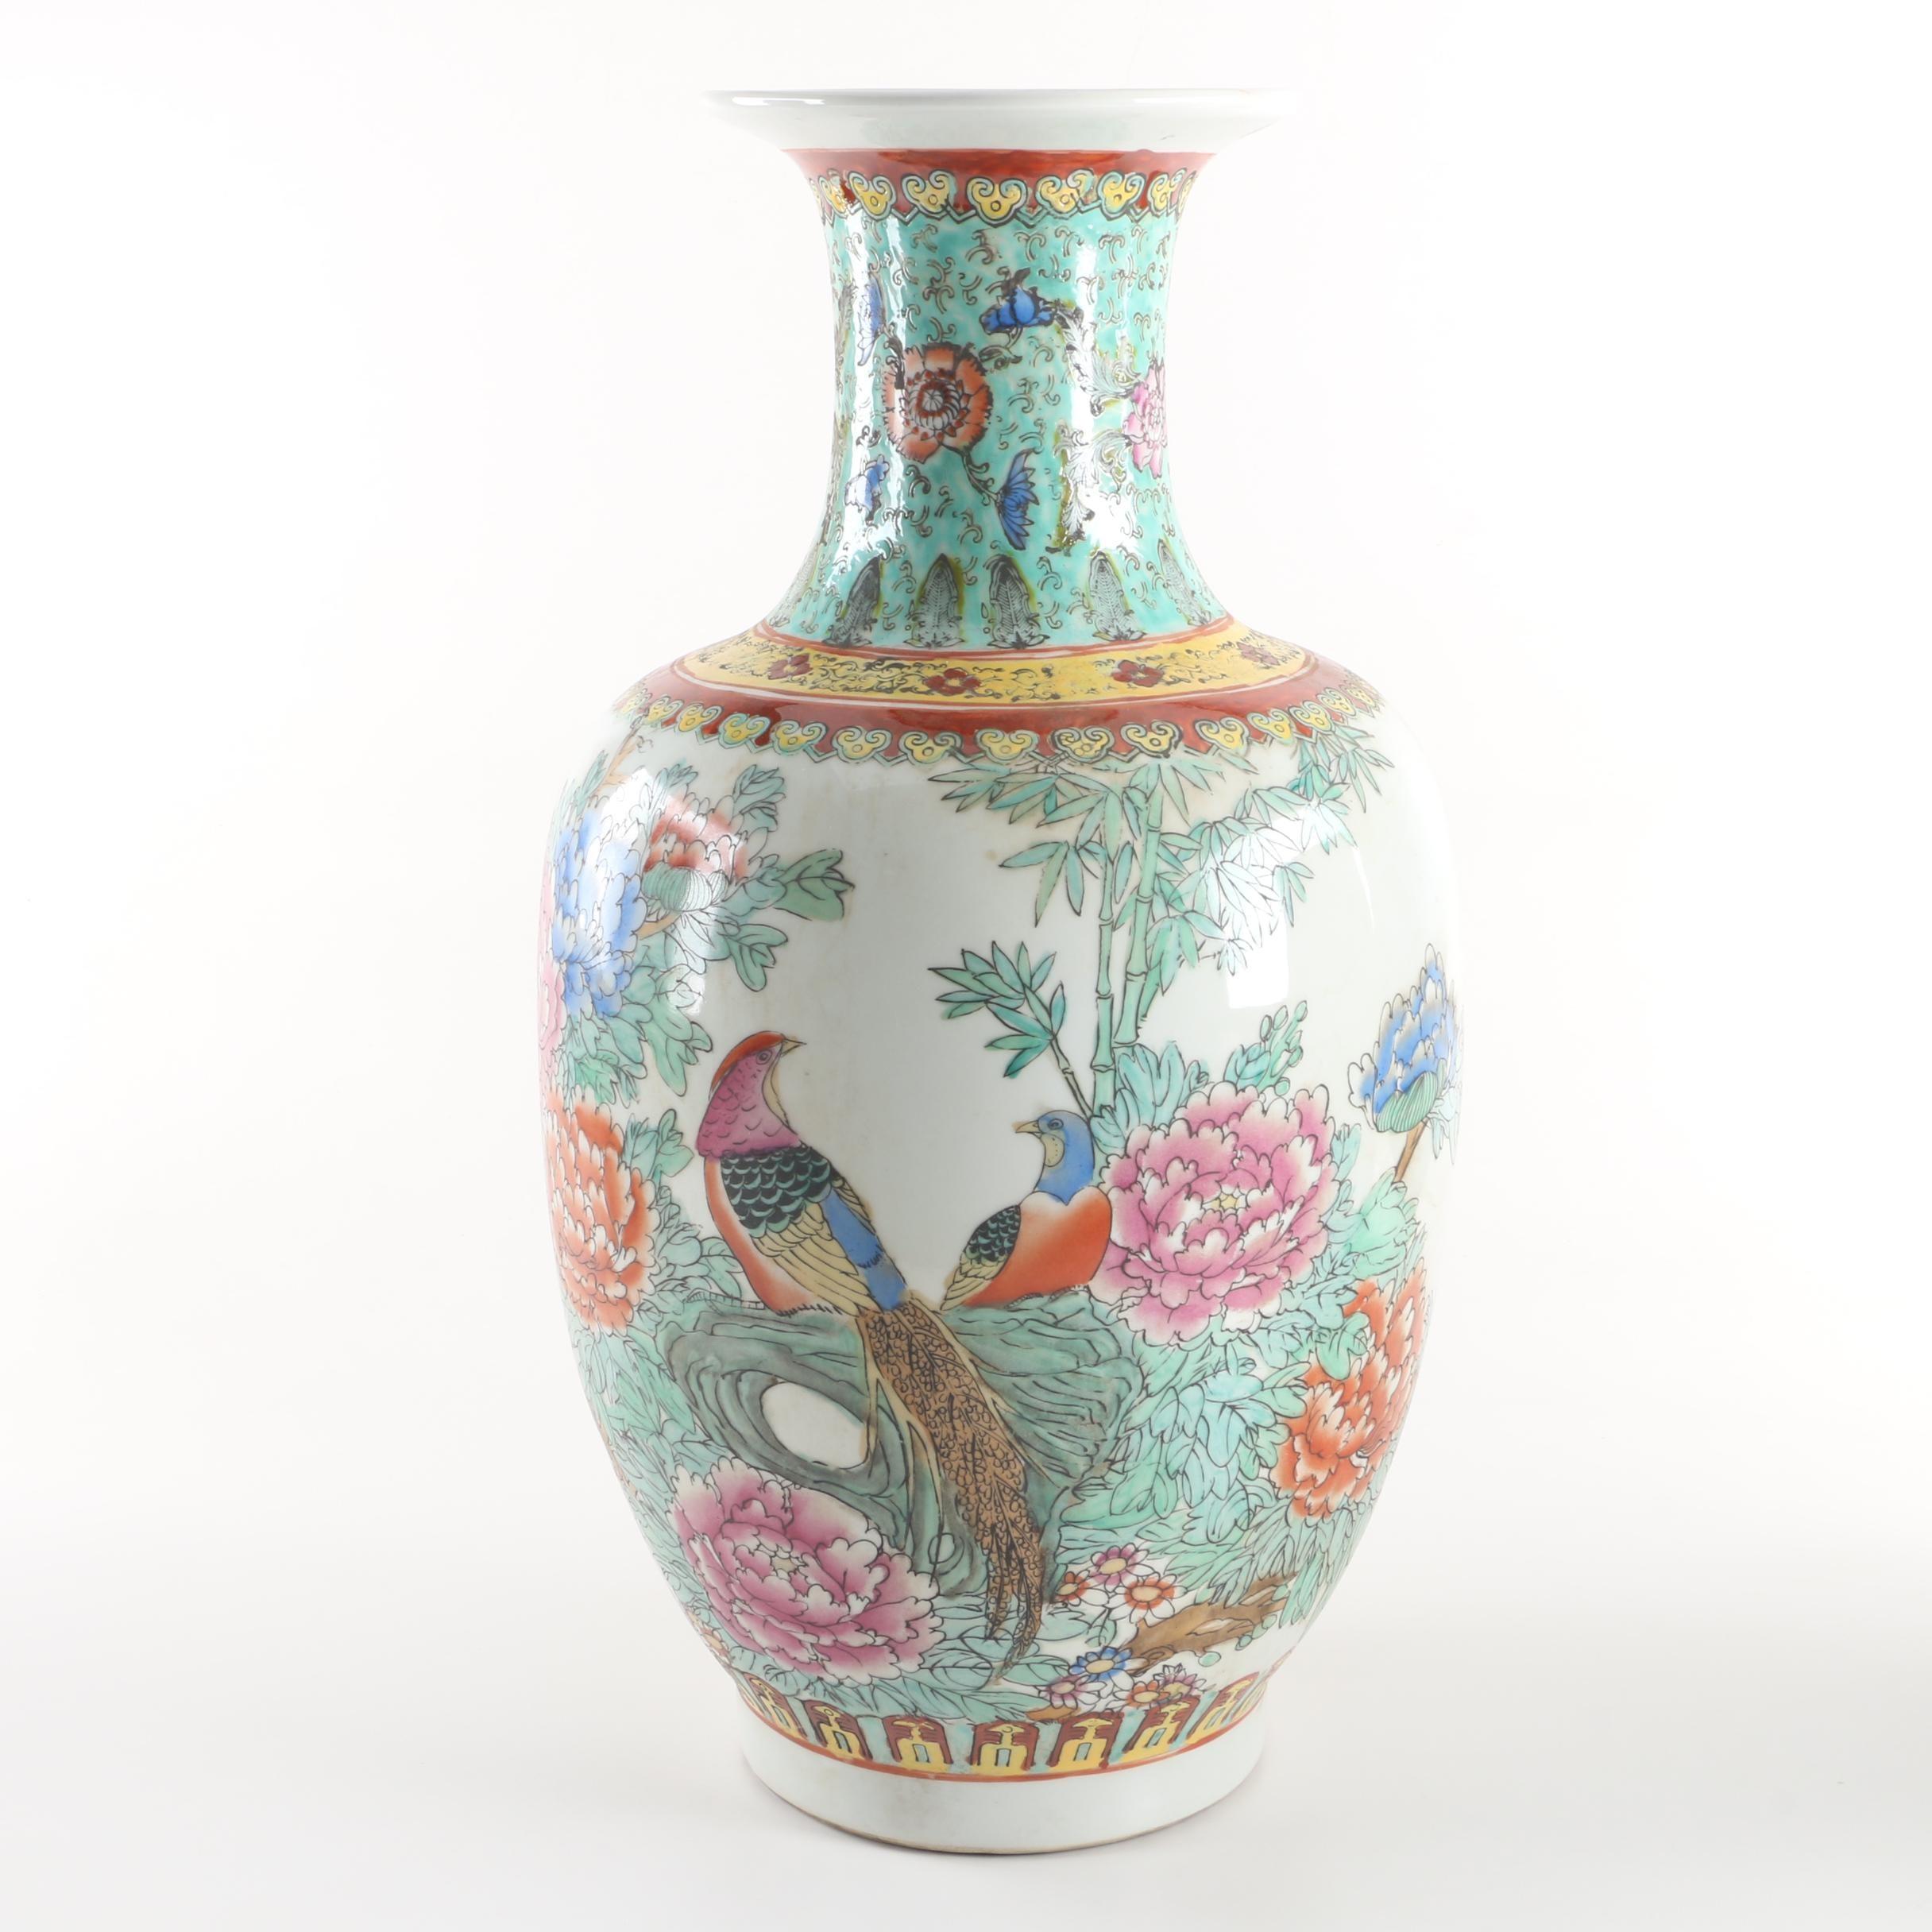 Chinese Flower and Bird Porcelain Floor Vase